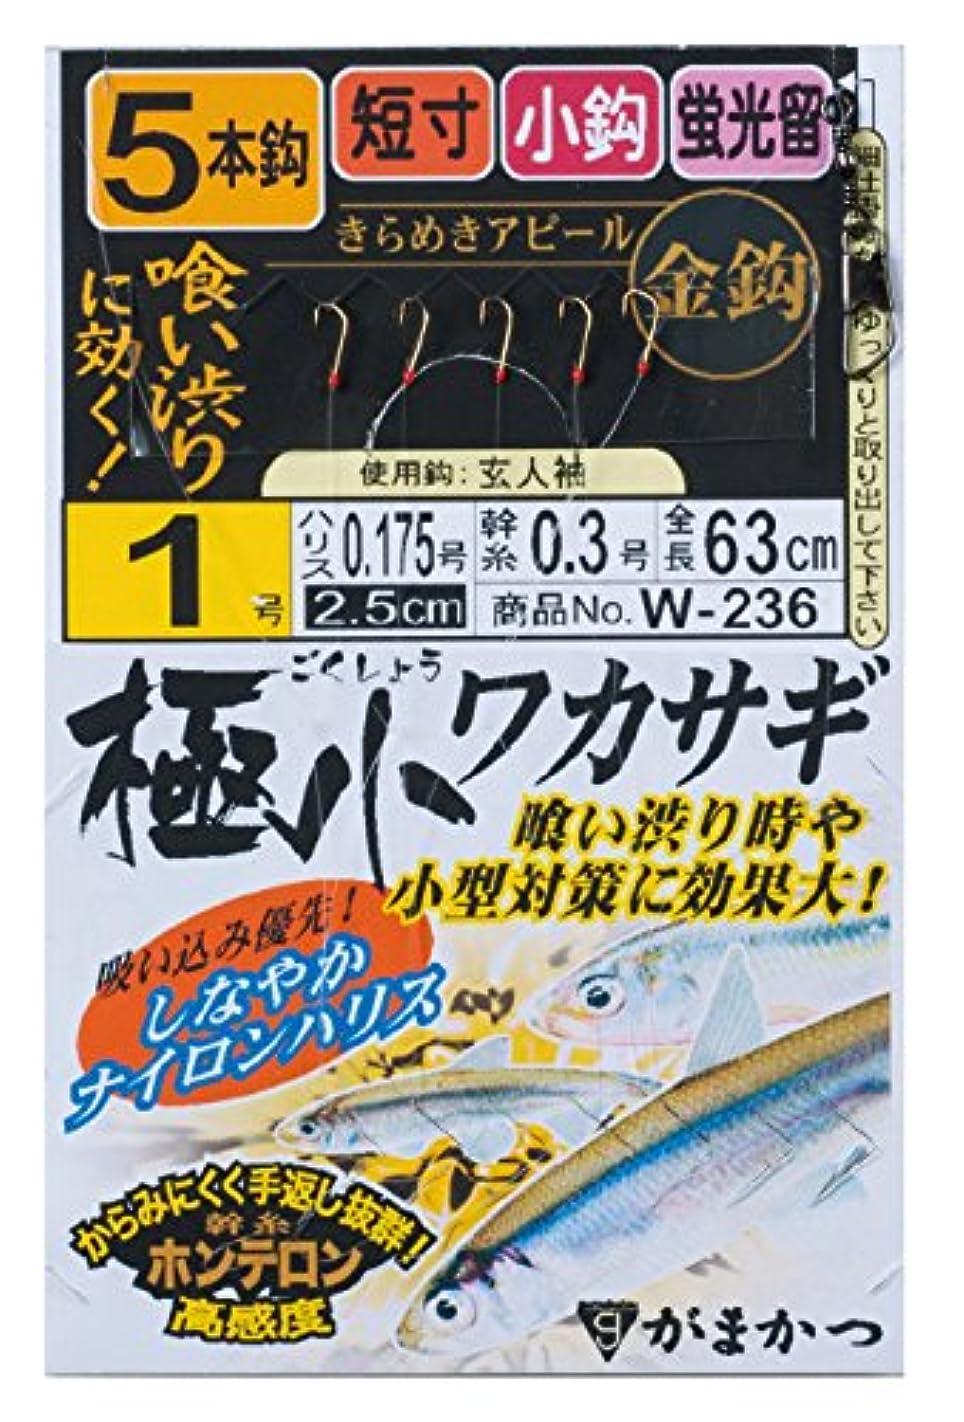 に達成可能額がまかつ(Gamakatsu) 極小ワカサギ5本仕掛 金鈎仕様(金) W236 1-0.175.